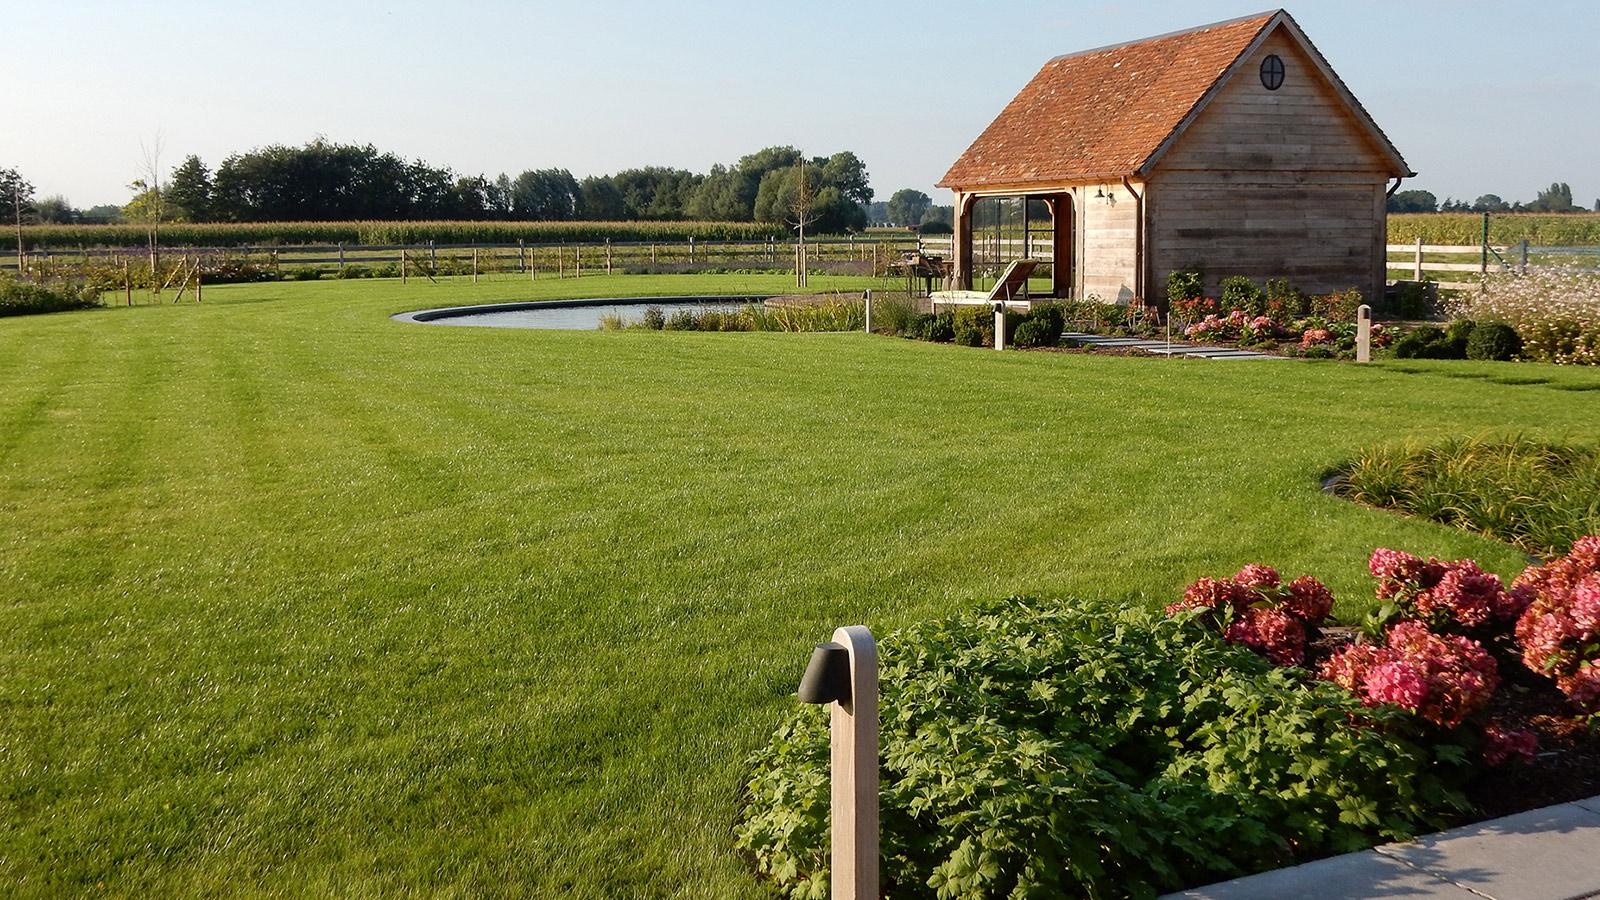 Totaalontwerp en aanleg van een landelijke tuin for Tuinen aanleggen foto s